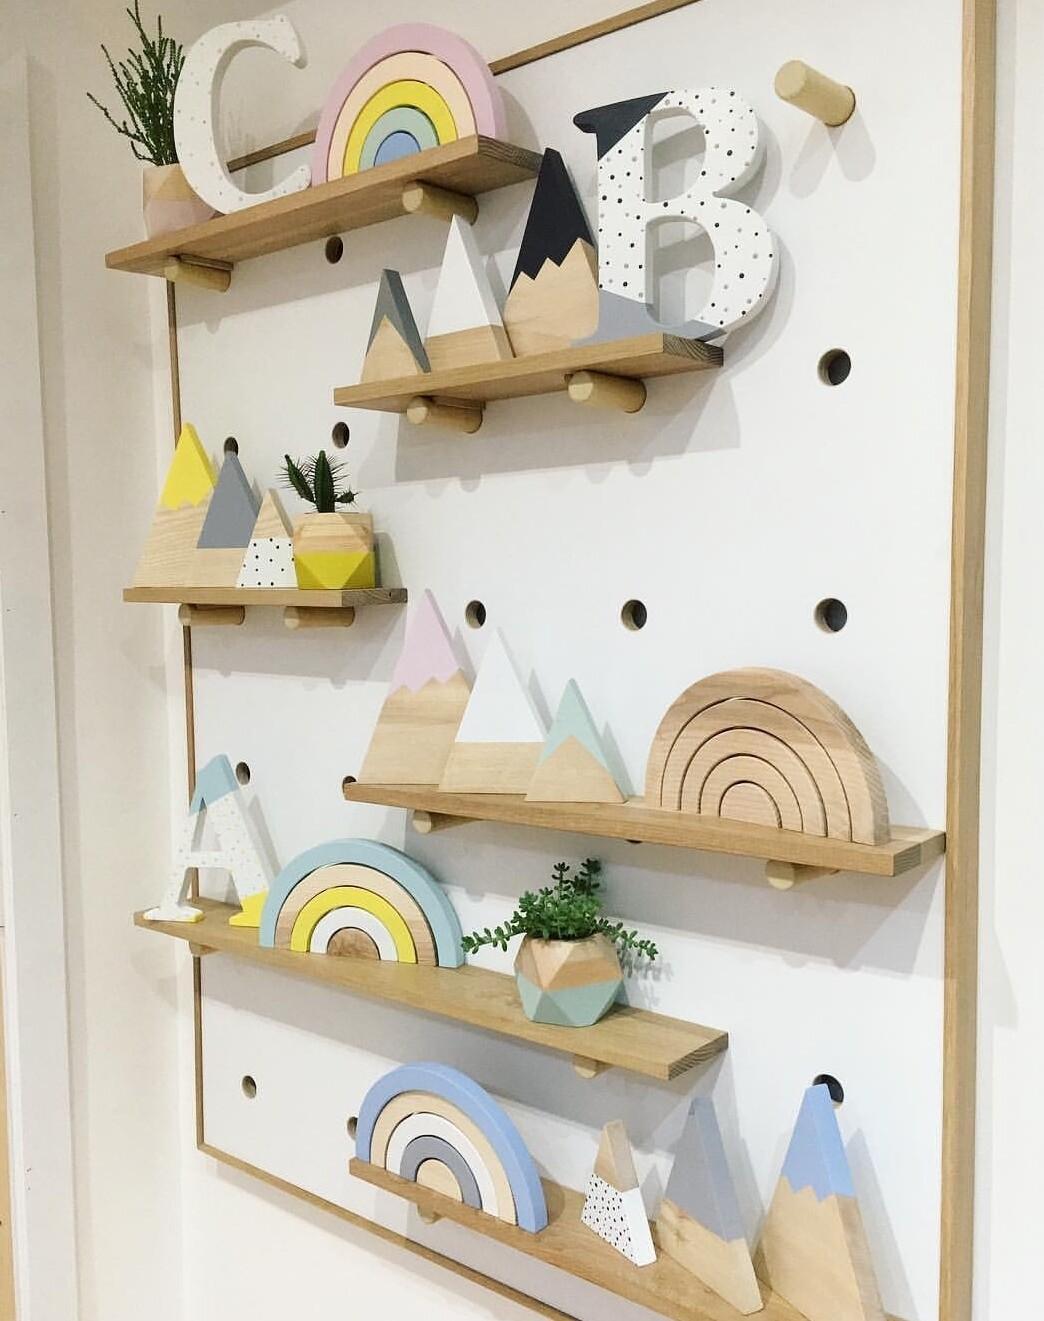 Peg Shelf - Nursery Wall Decor